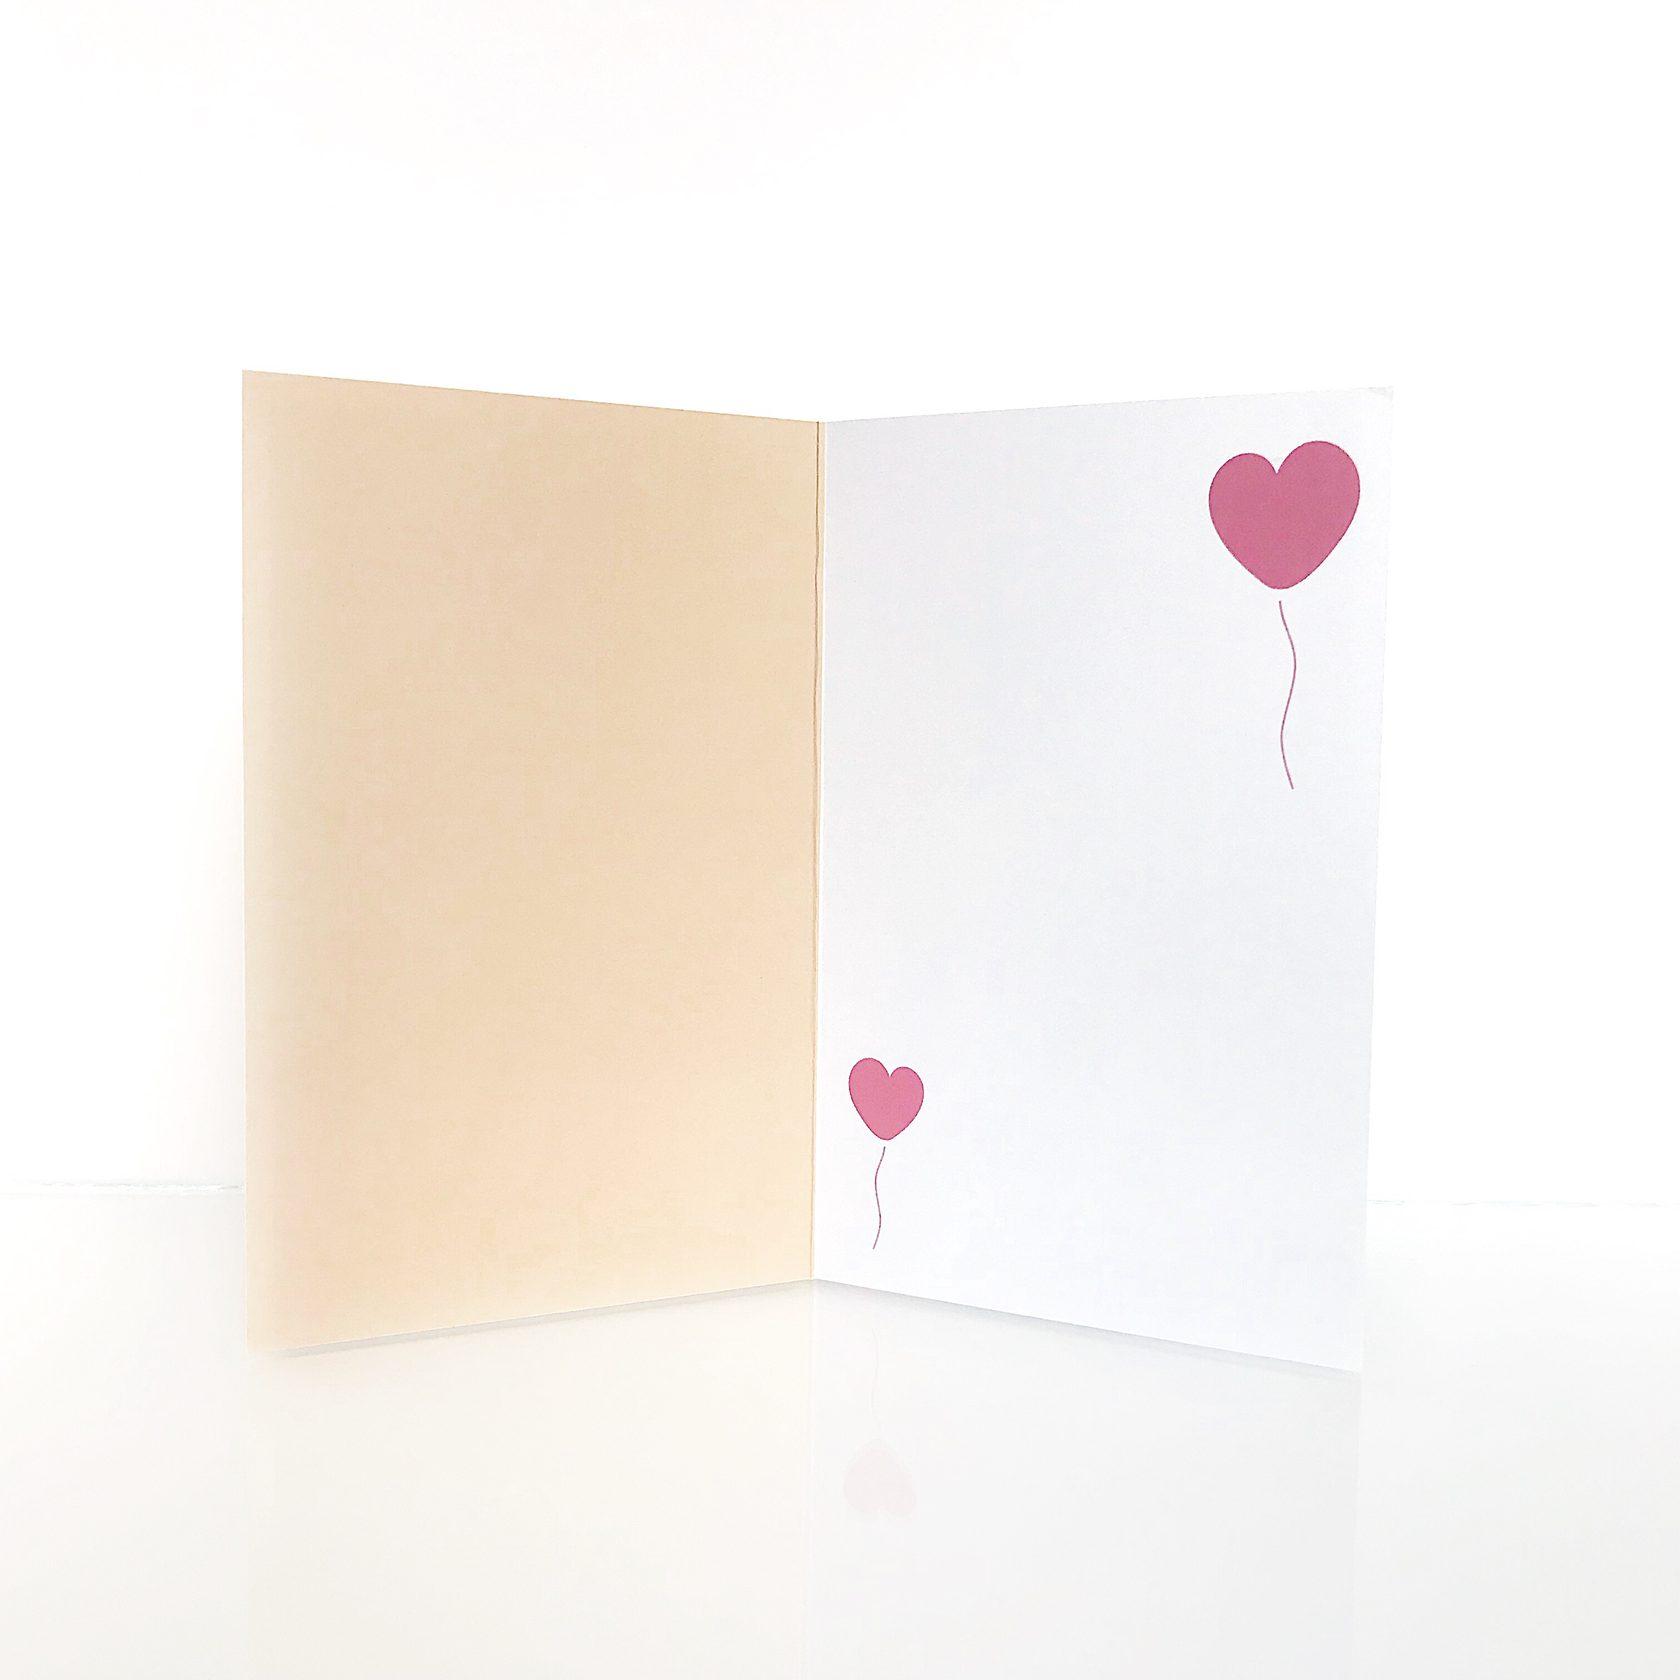 как сделать открытку открывающуюся с двух сторон новая модель этого